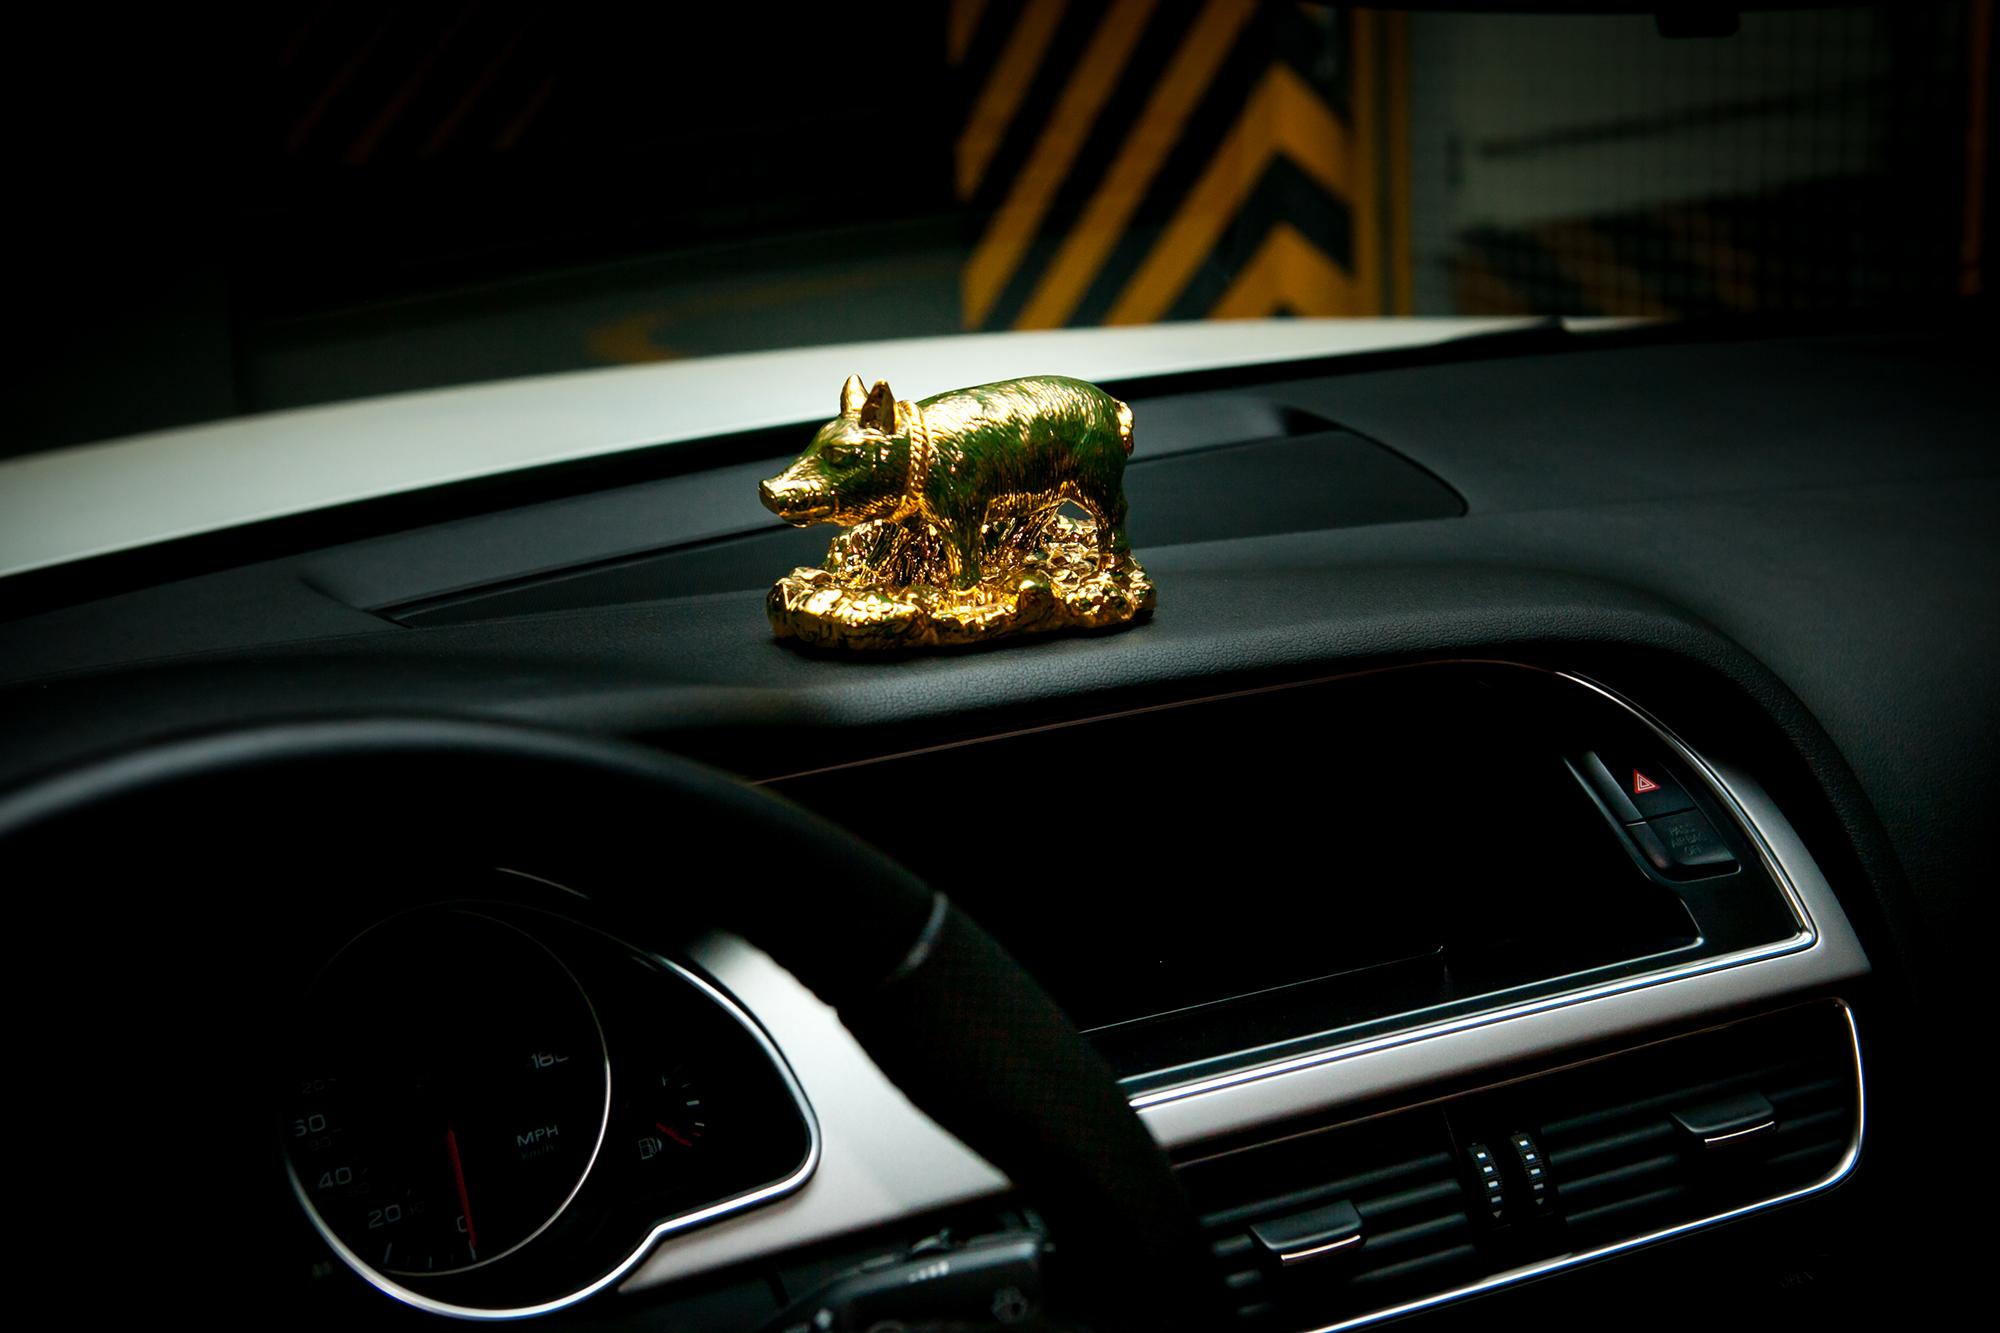 Hình ảnh Quý linh xe hơi – 12 con giáp: Bình an & may mắn số 12